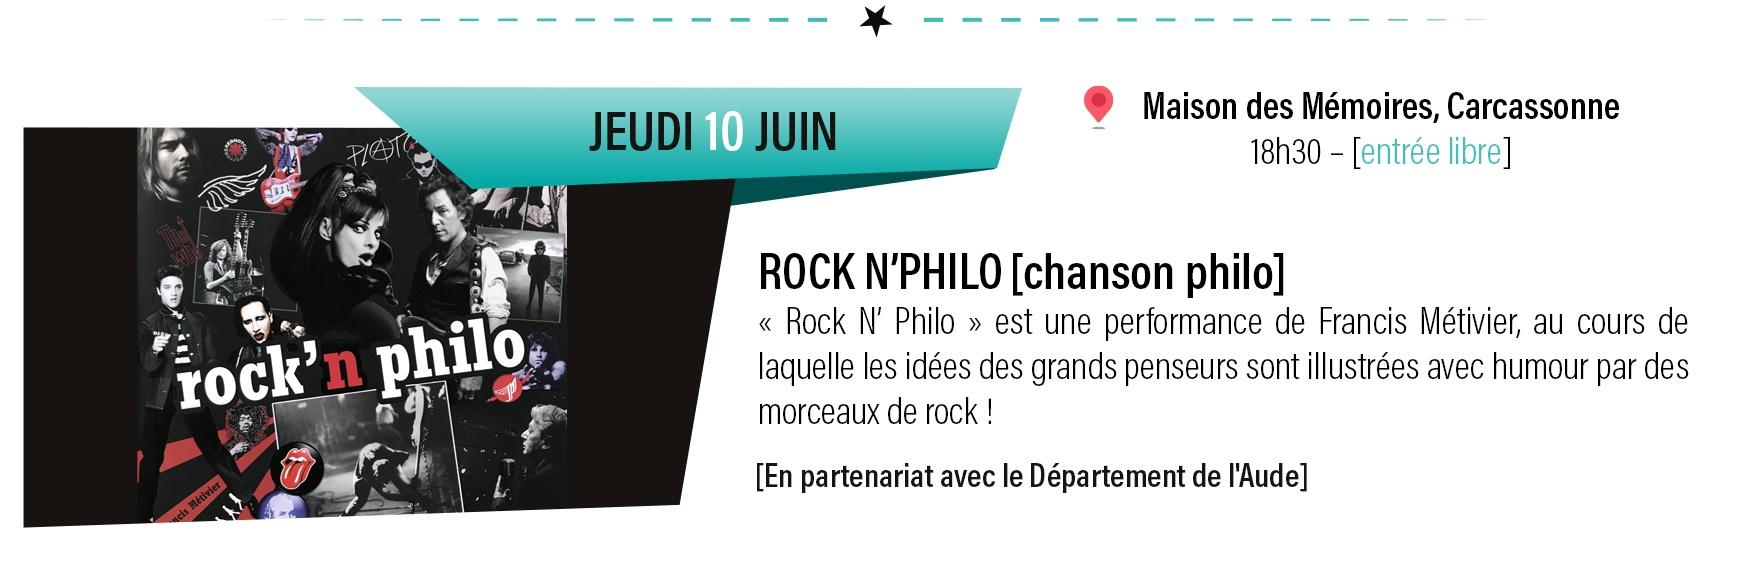 concert Rock'n philo